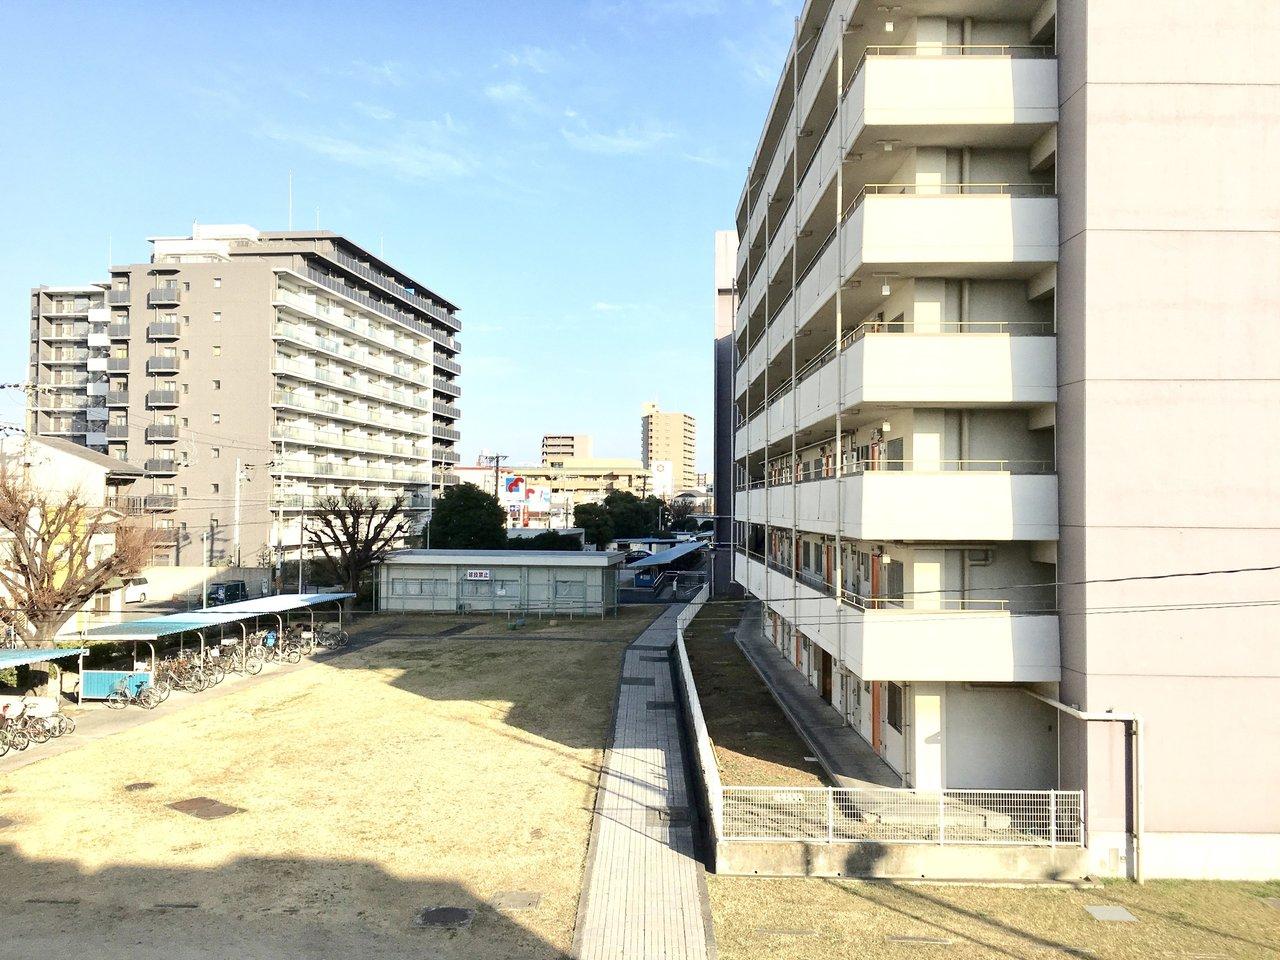 関目高殿駅から徒歩9分。梅田・天王寺までは乗り換えなしでアクセスが可能。さらになんばまでは約25分で行けます。都心に通う社会人の方におすすめしたいお部屋です。大通りから少し路地に入ると閑静な住宅街が広がっています。学校が多いのでファミリー層も多く 治安のいい街なんです。